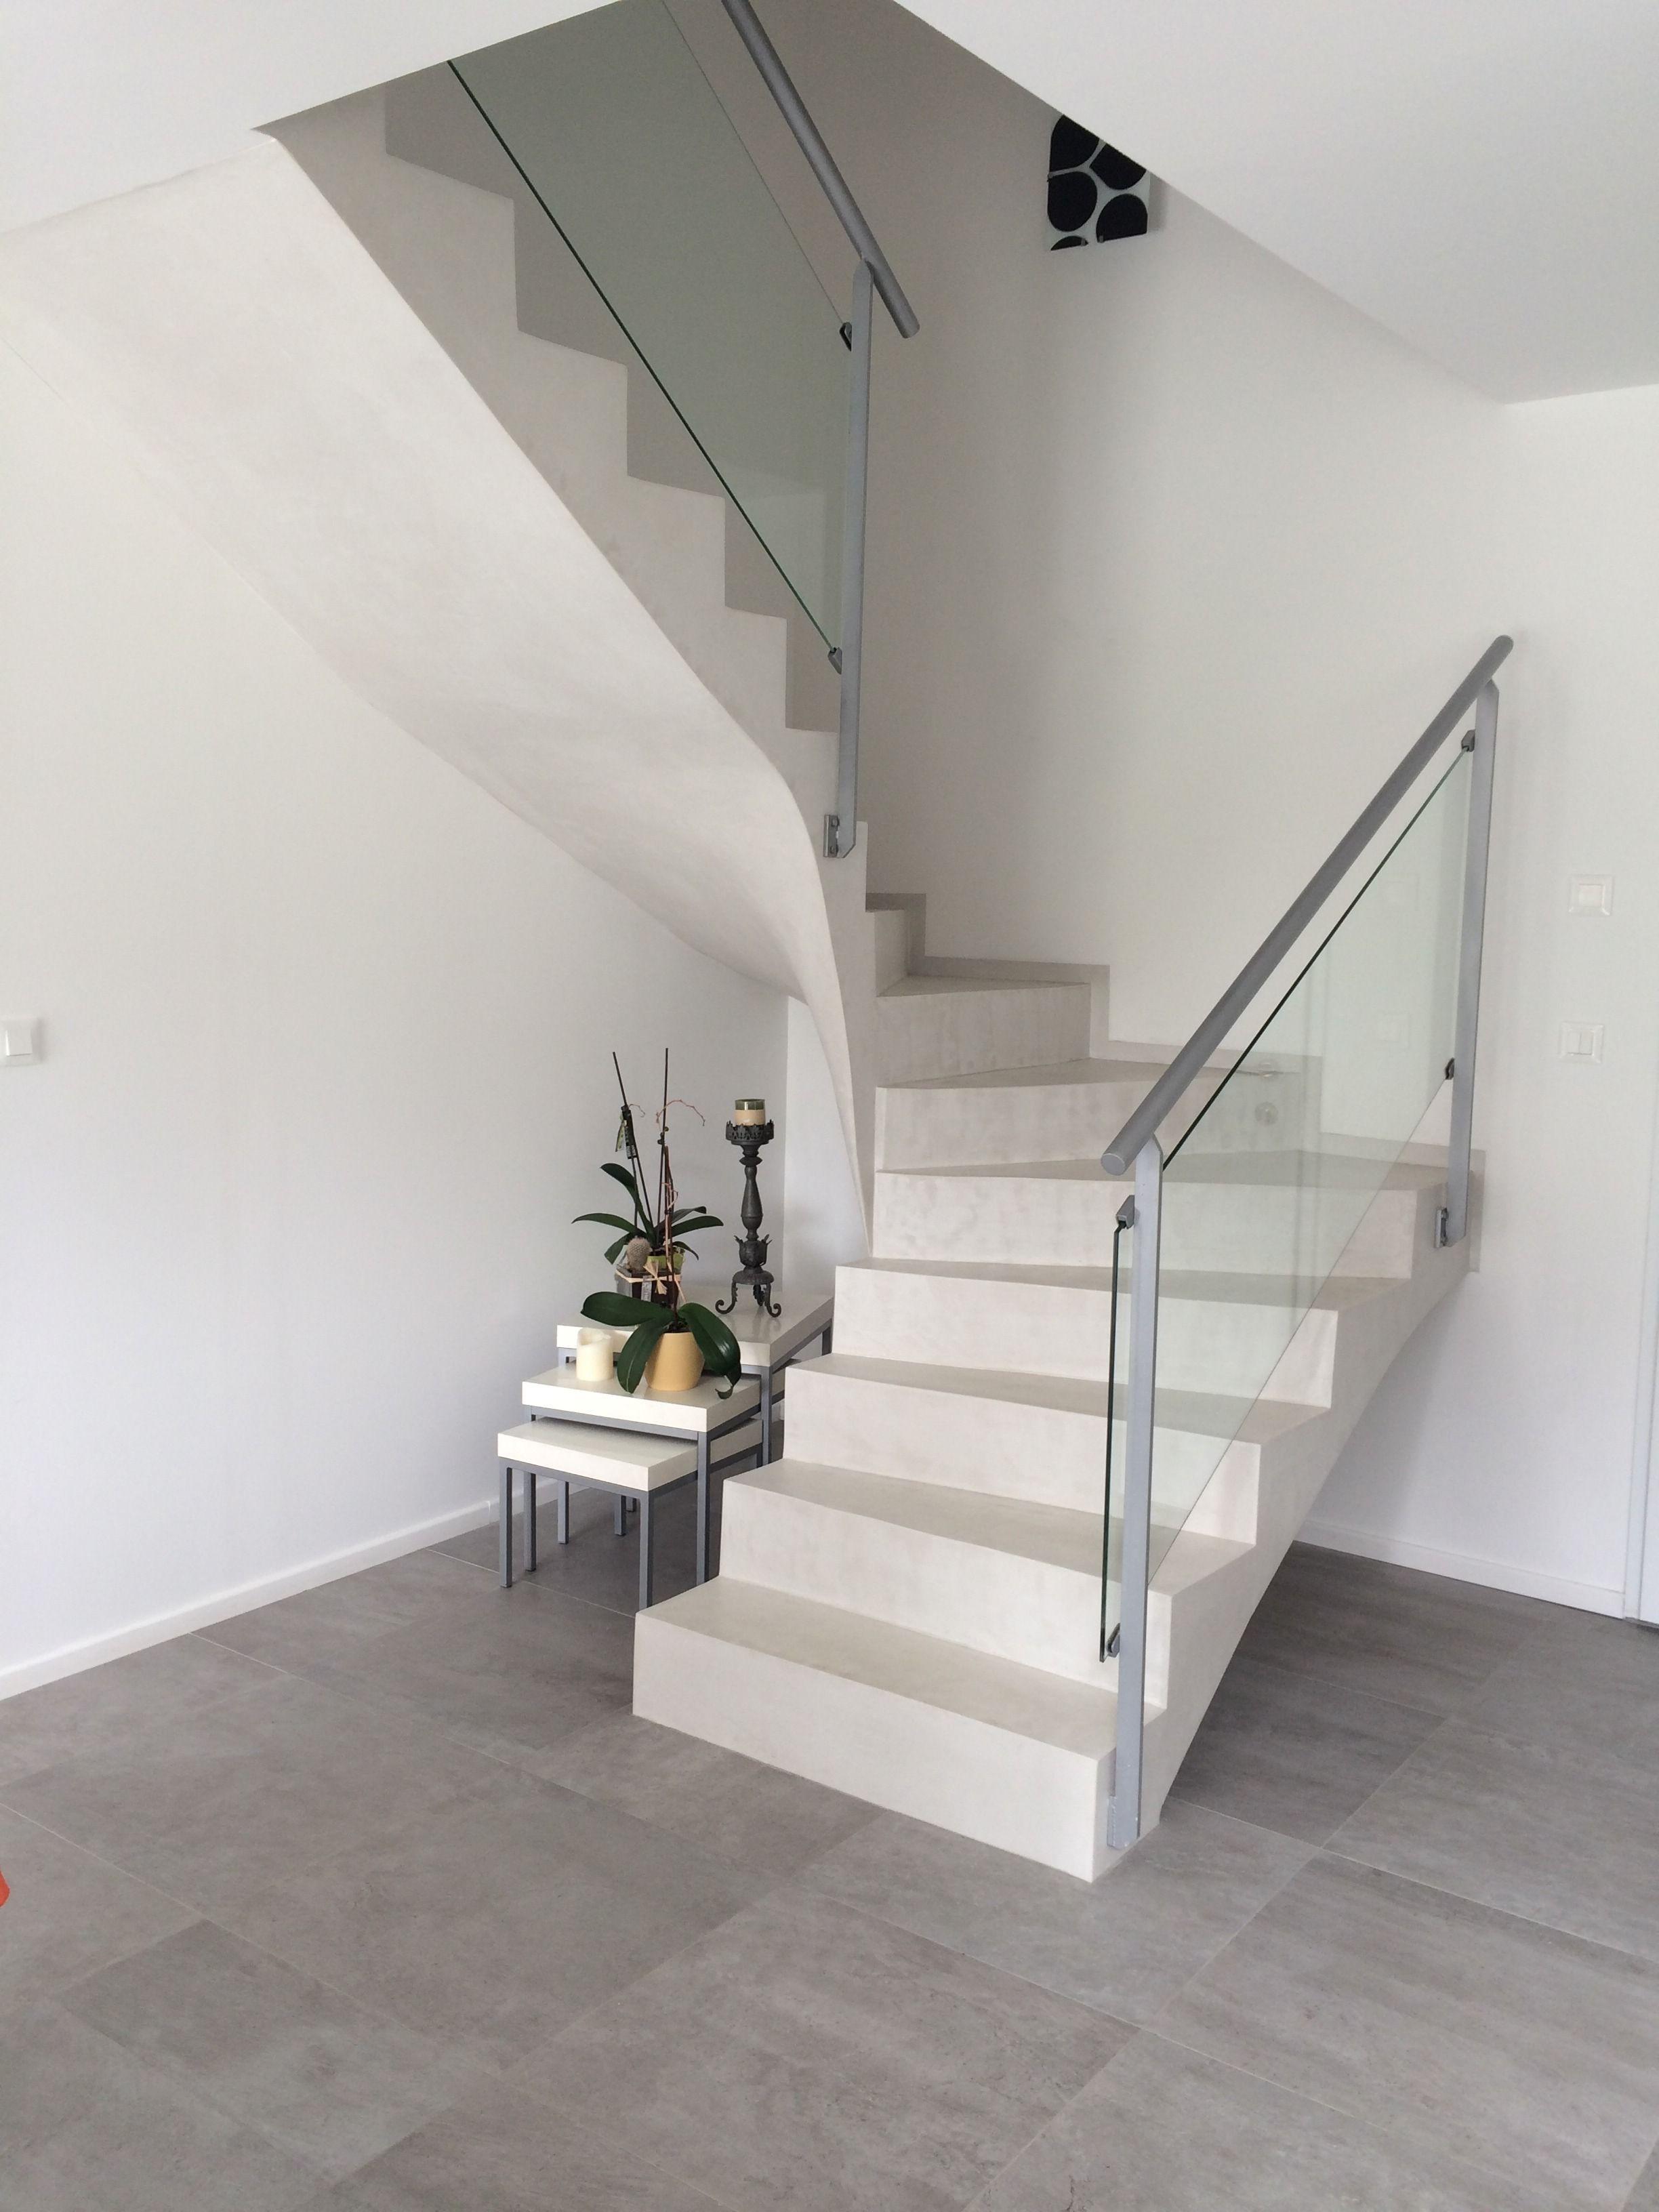 Escalier design en bton cir rouen 76  escalier beton